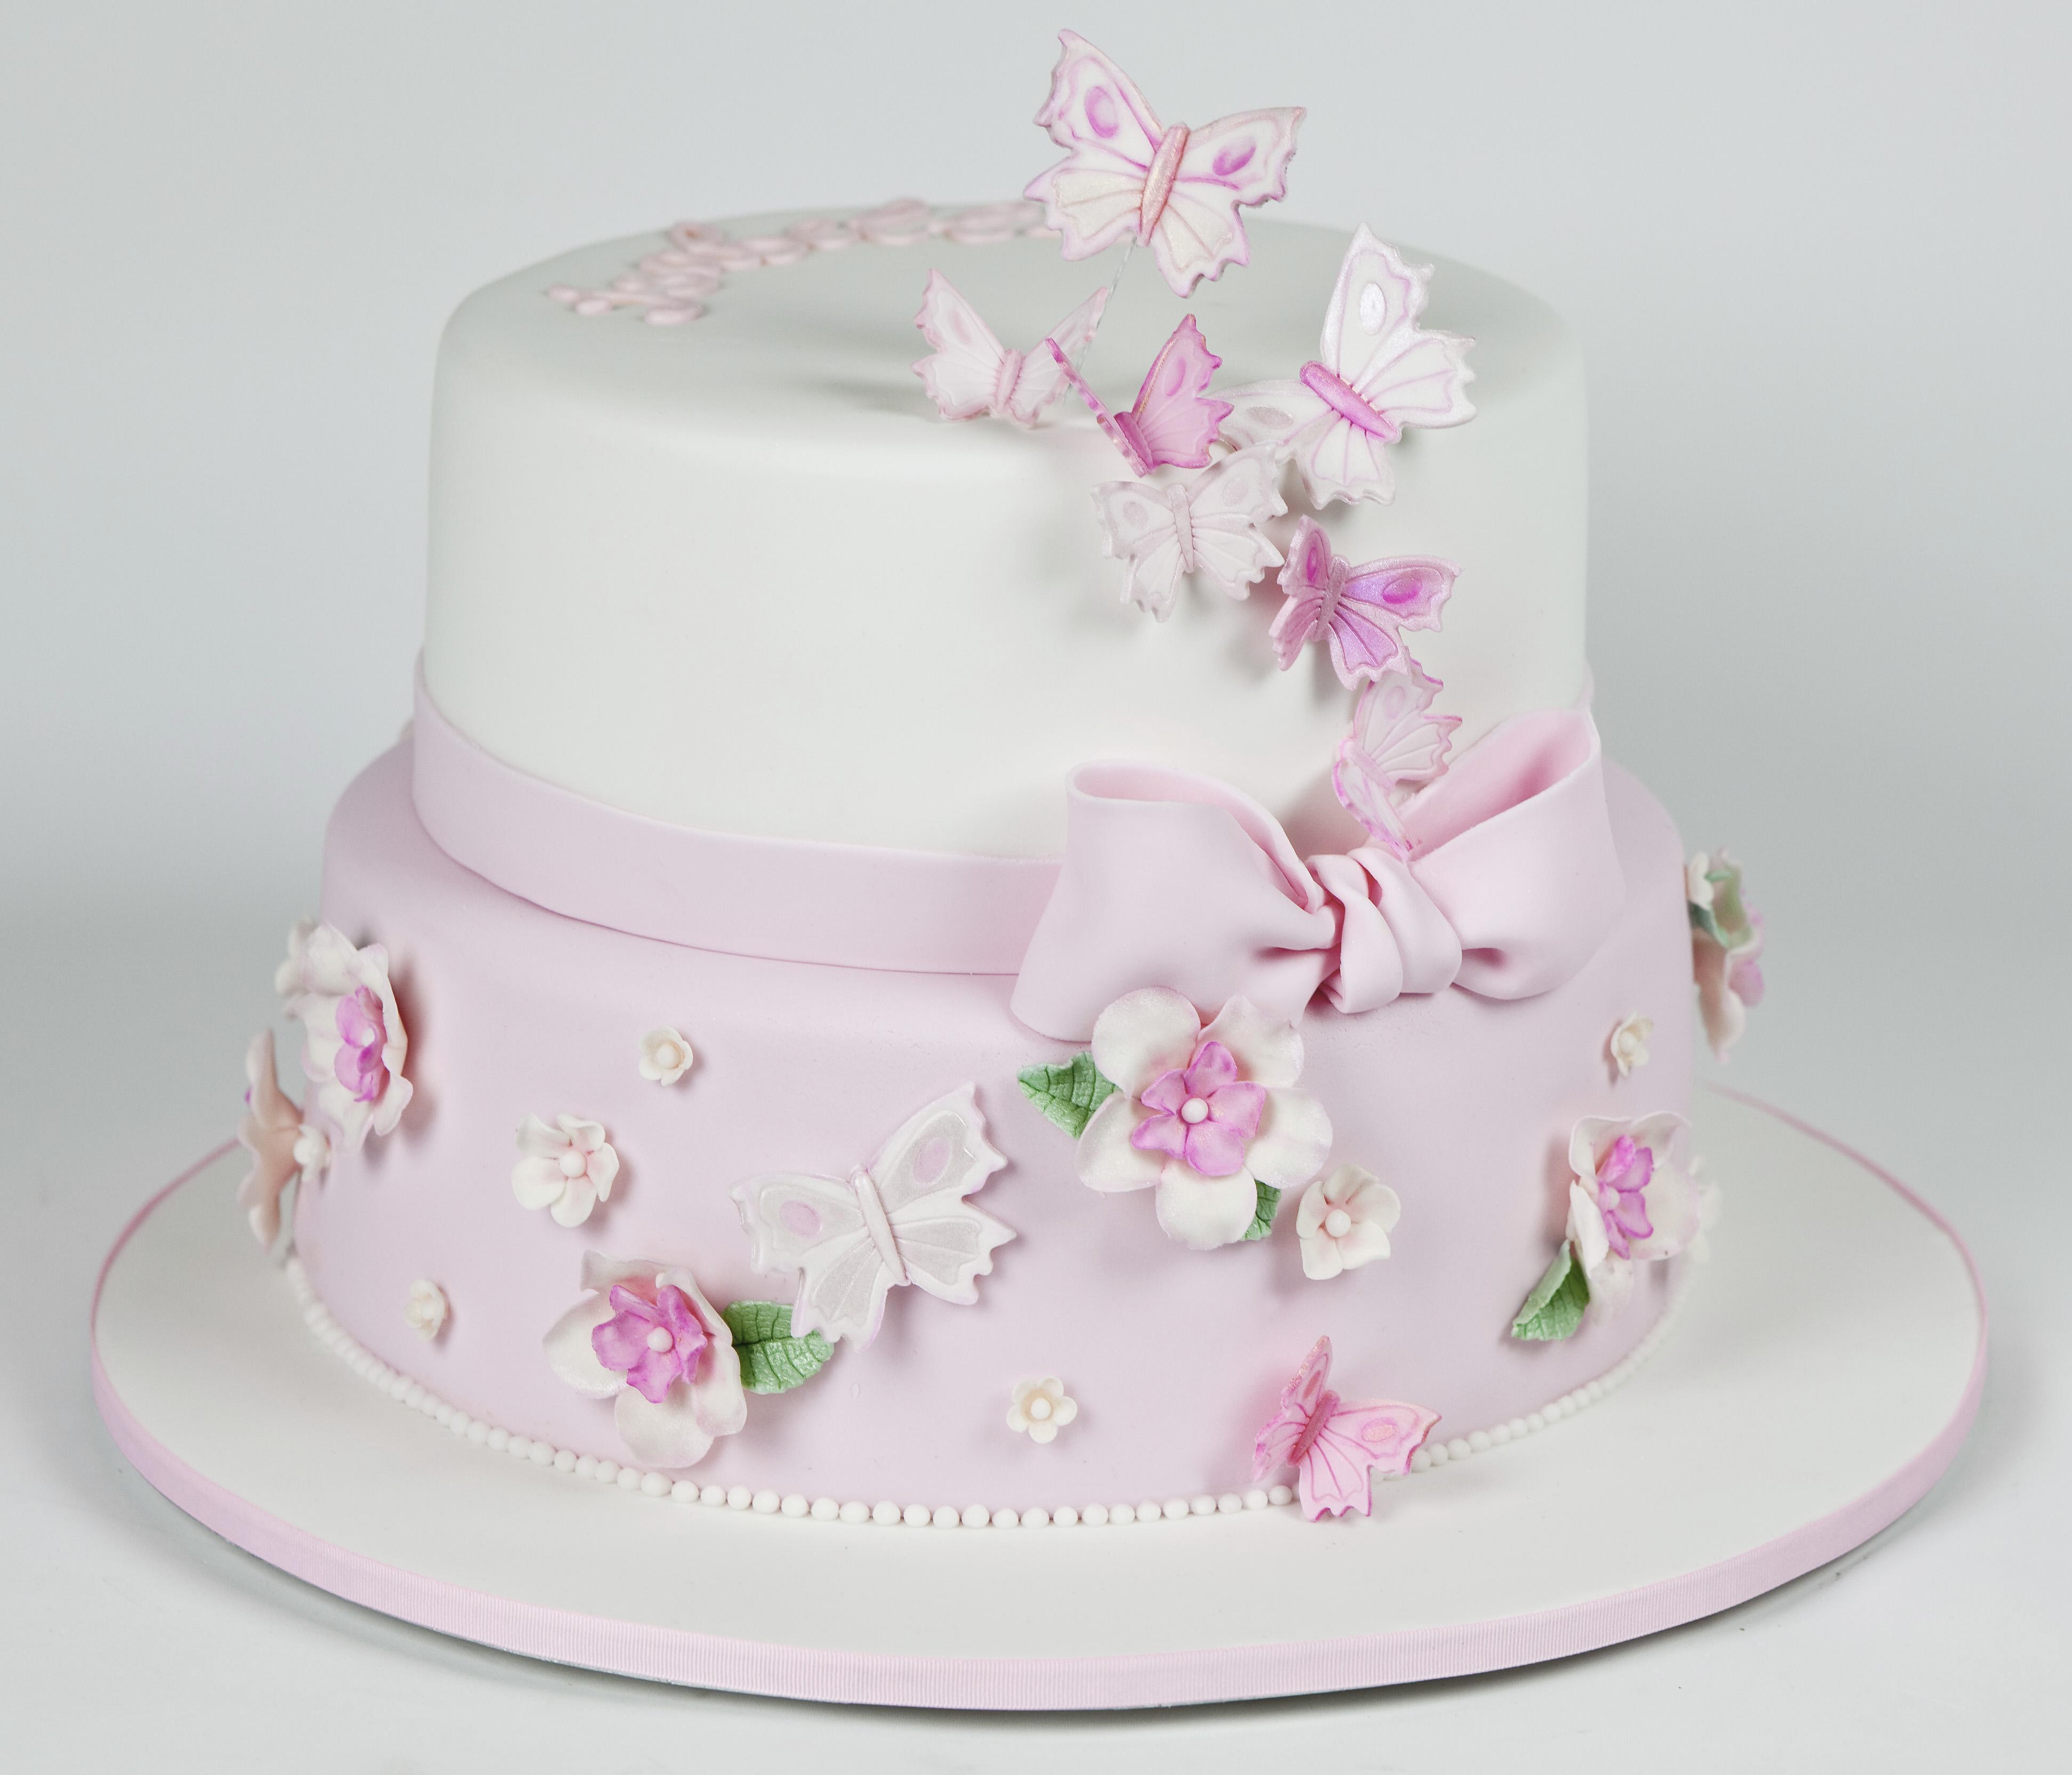 Sfondi Rosa Fiori Bambino Ragazza Torta Cioccolato Farfalle